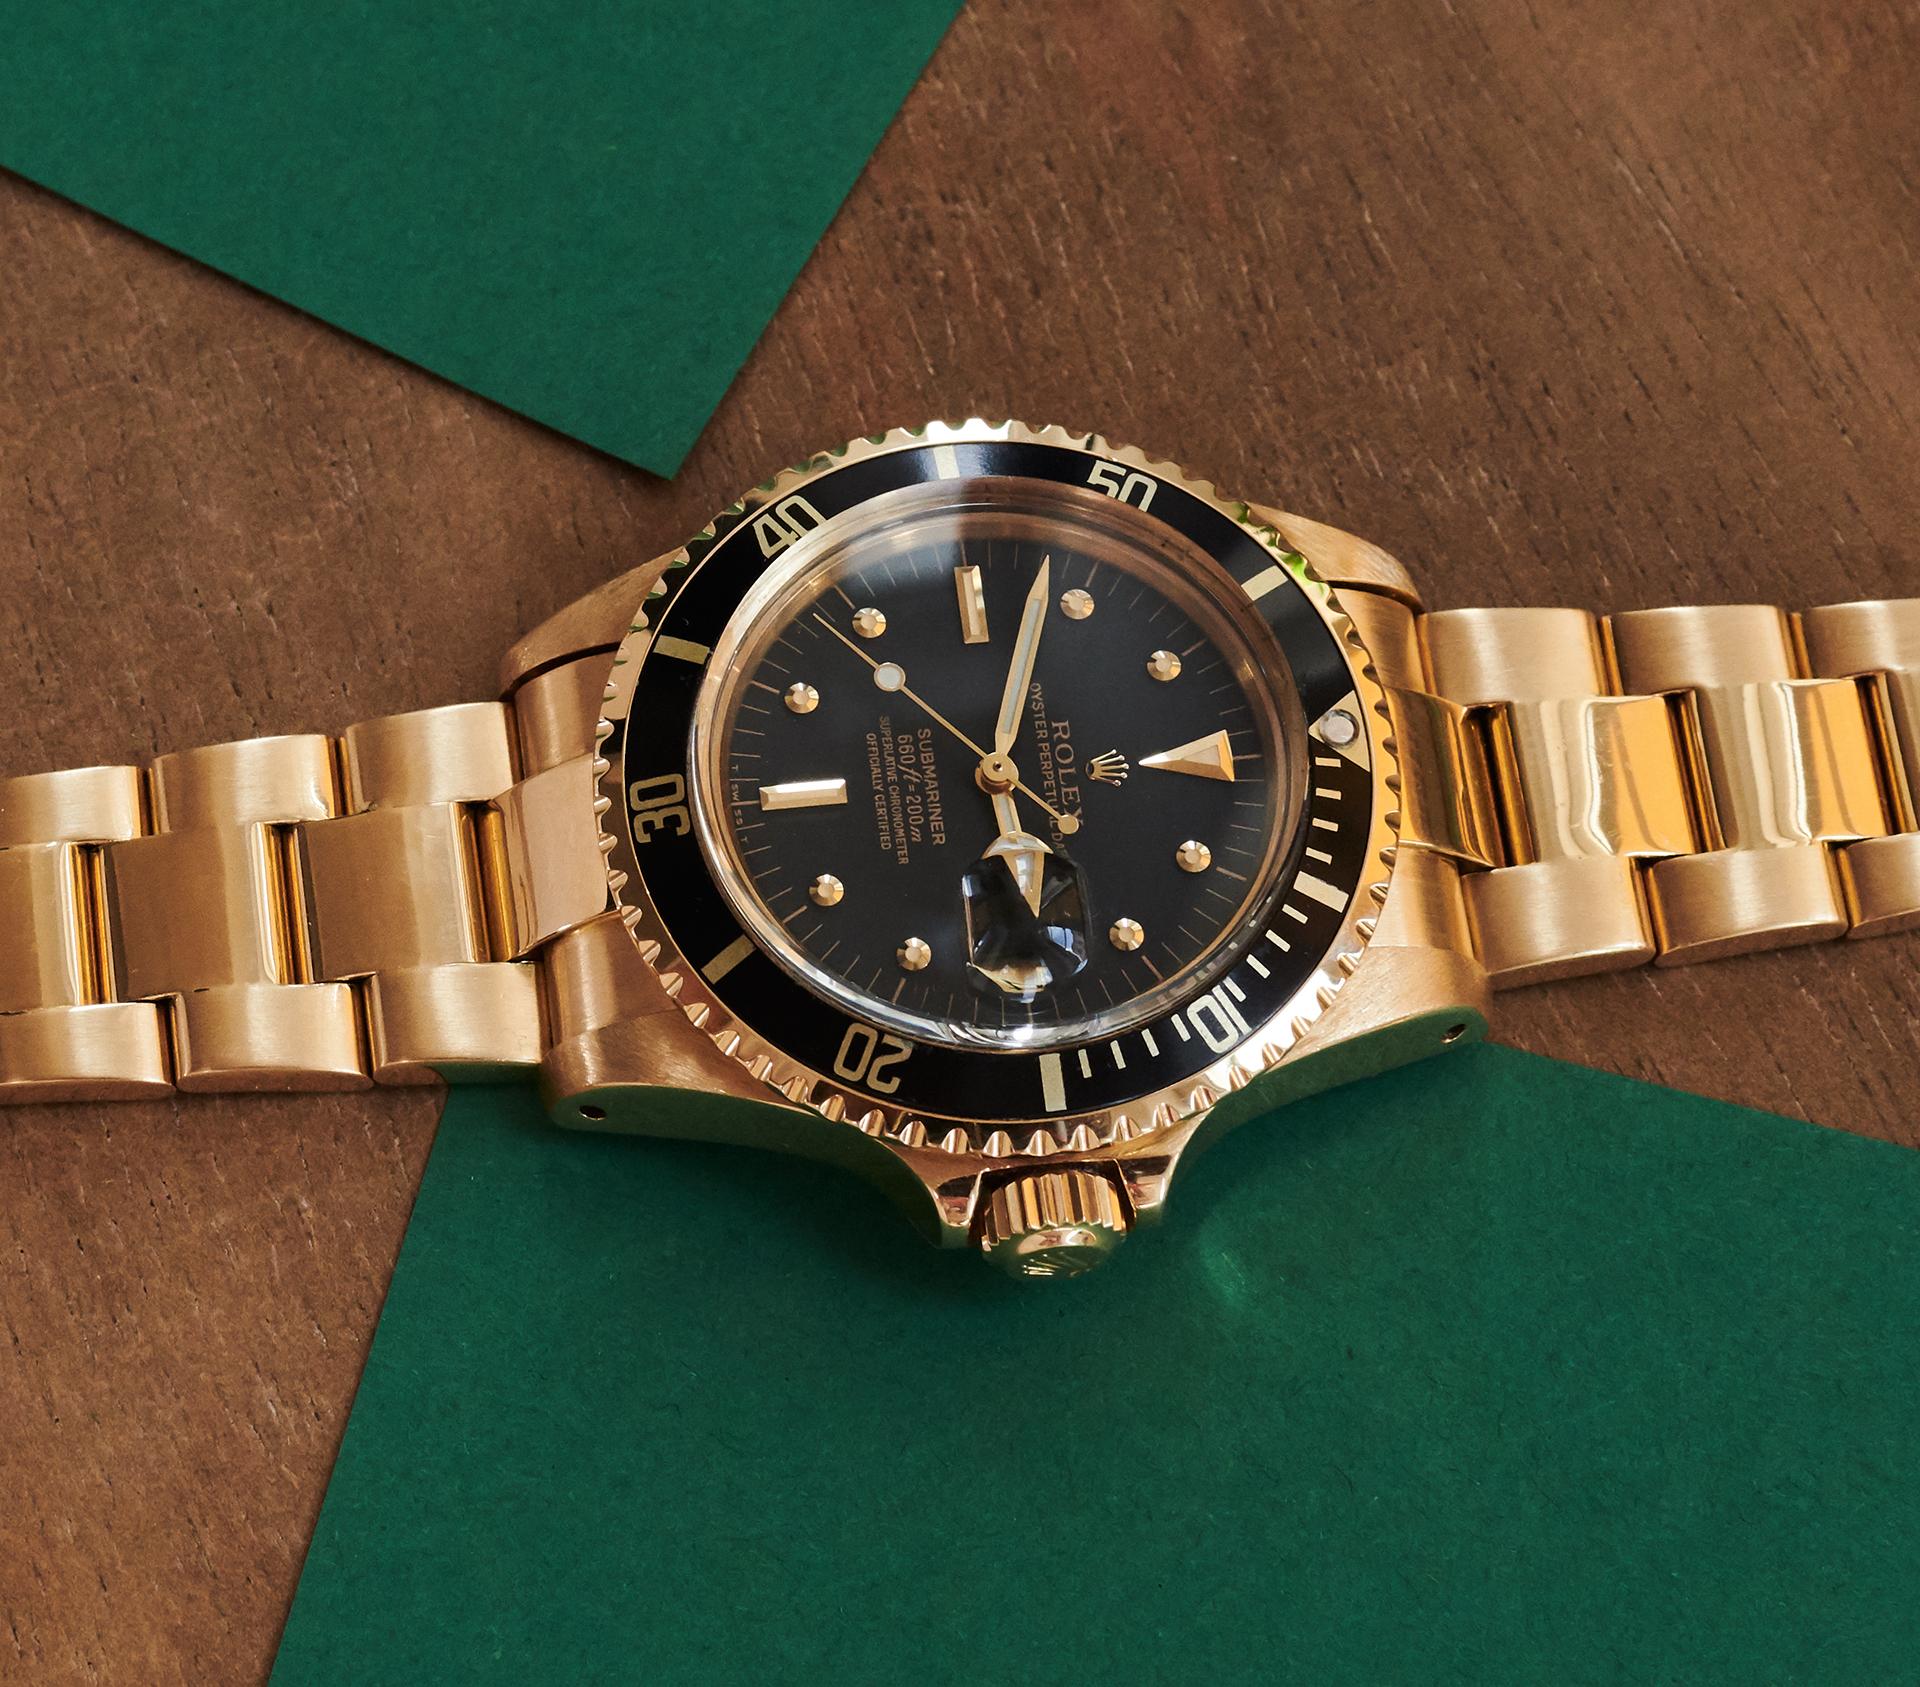 Rolex 1680/8 Sub / fullset 1978